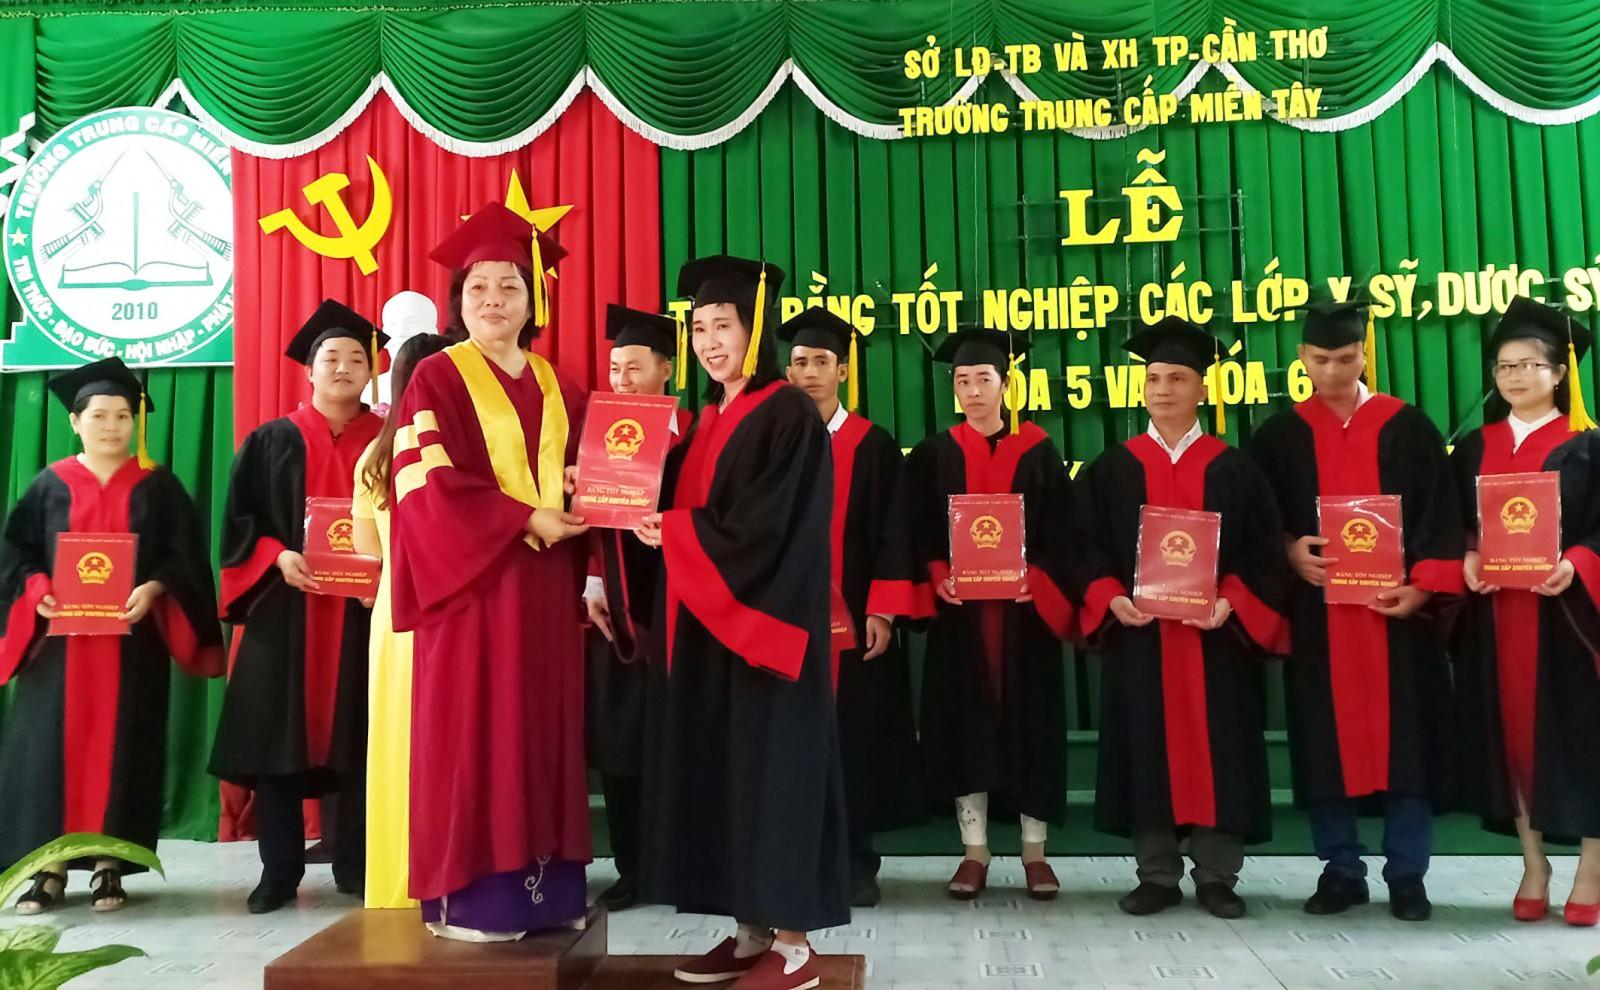 Hiệu trưởng trường trao bằng tốt nghiệp cho học sinh  tại buổi lễ. Ảnh: LỆ THU